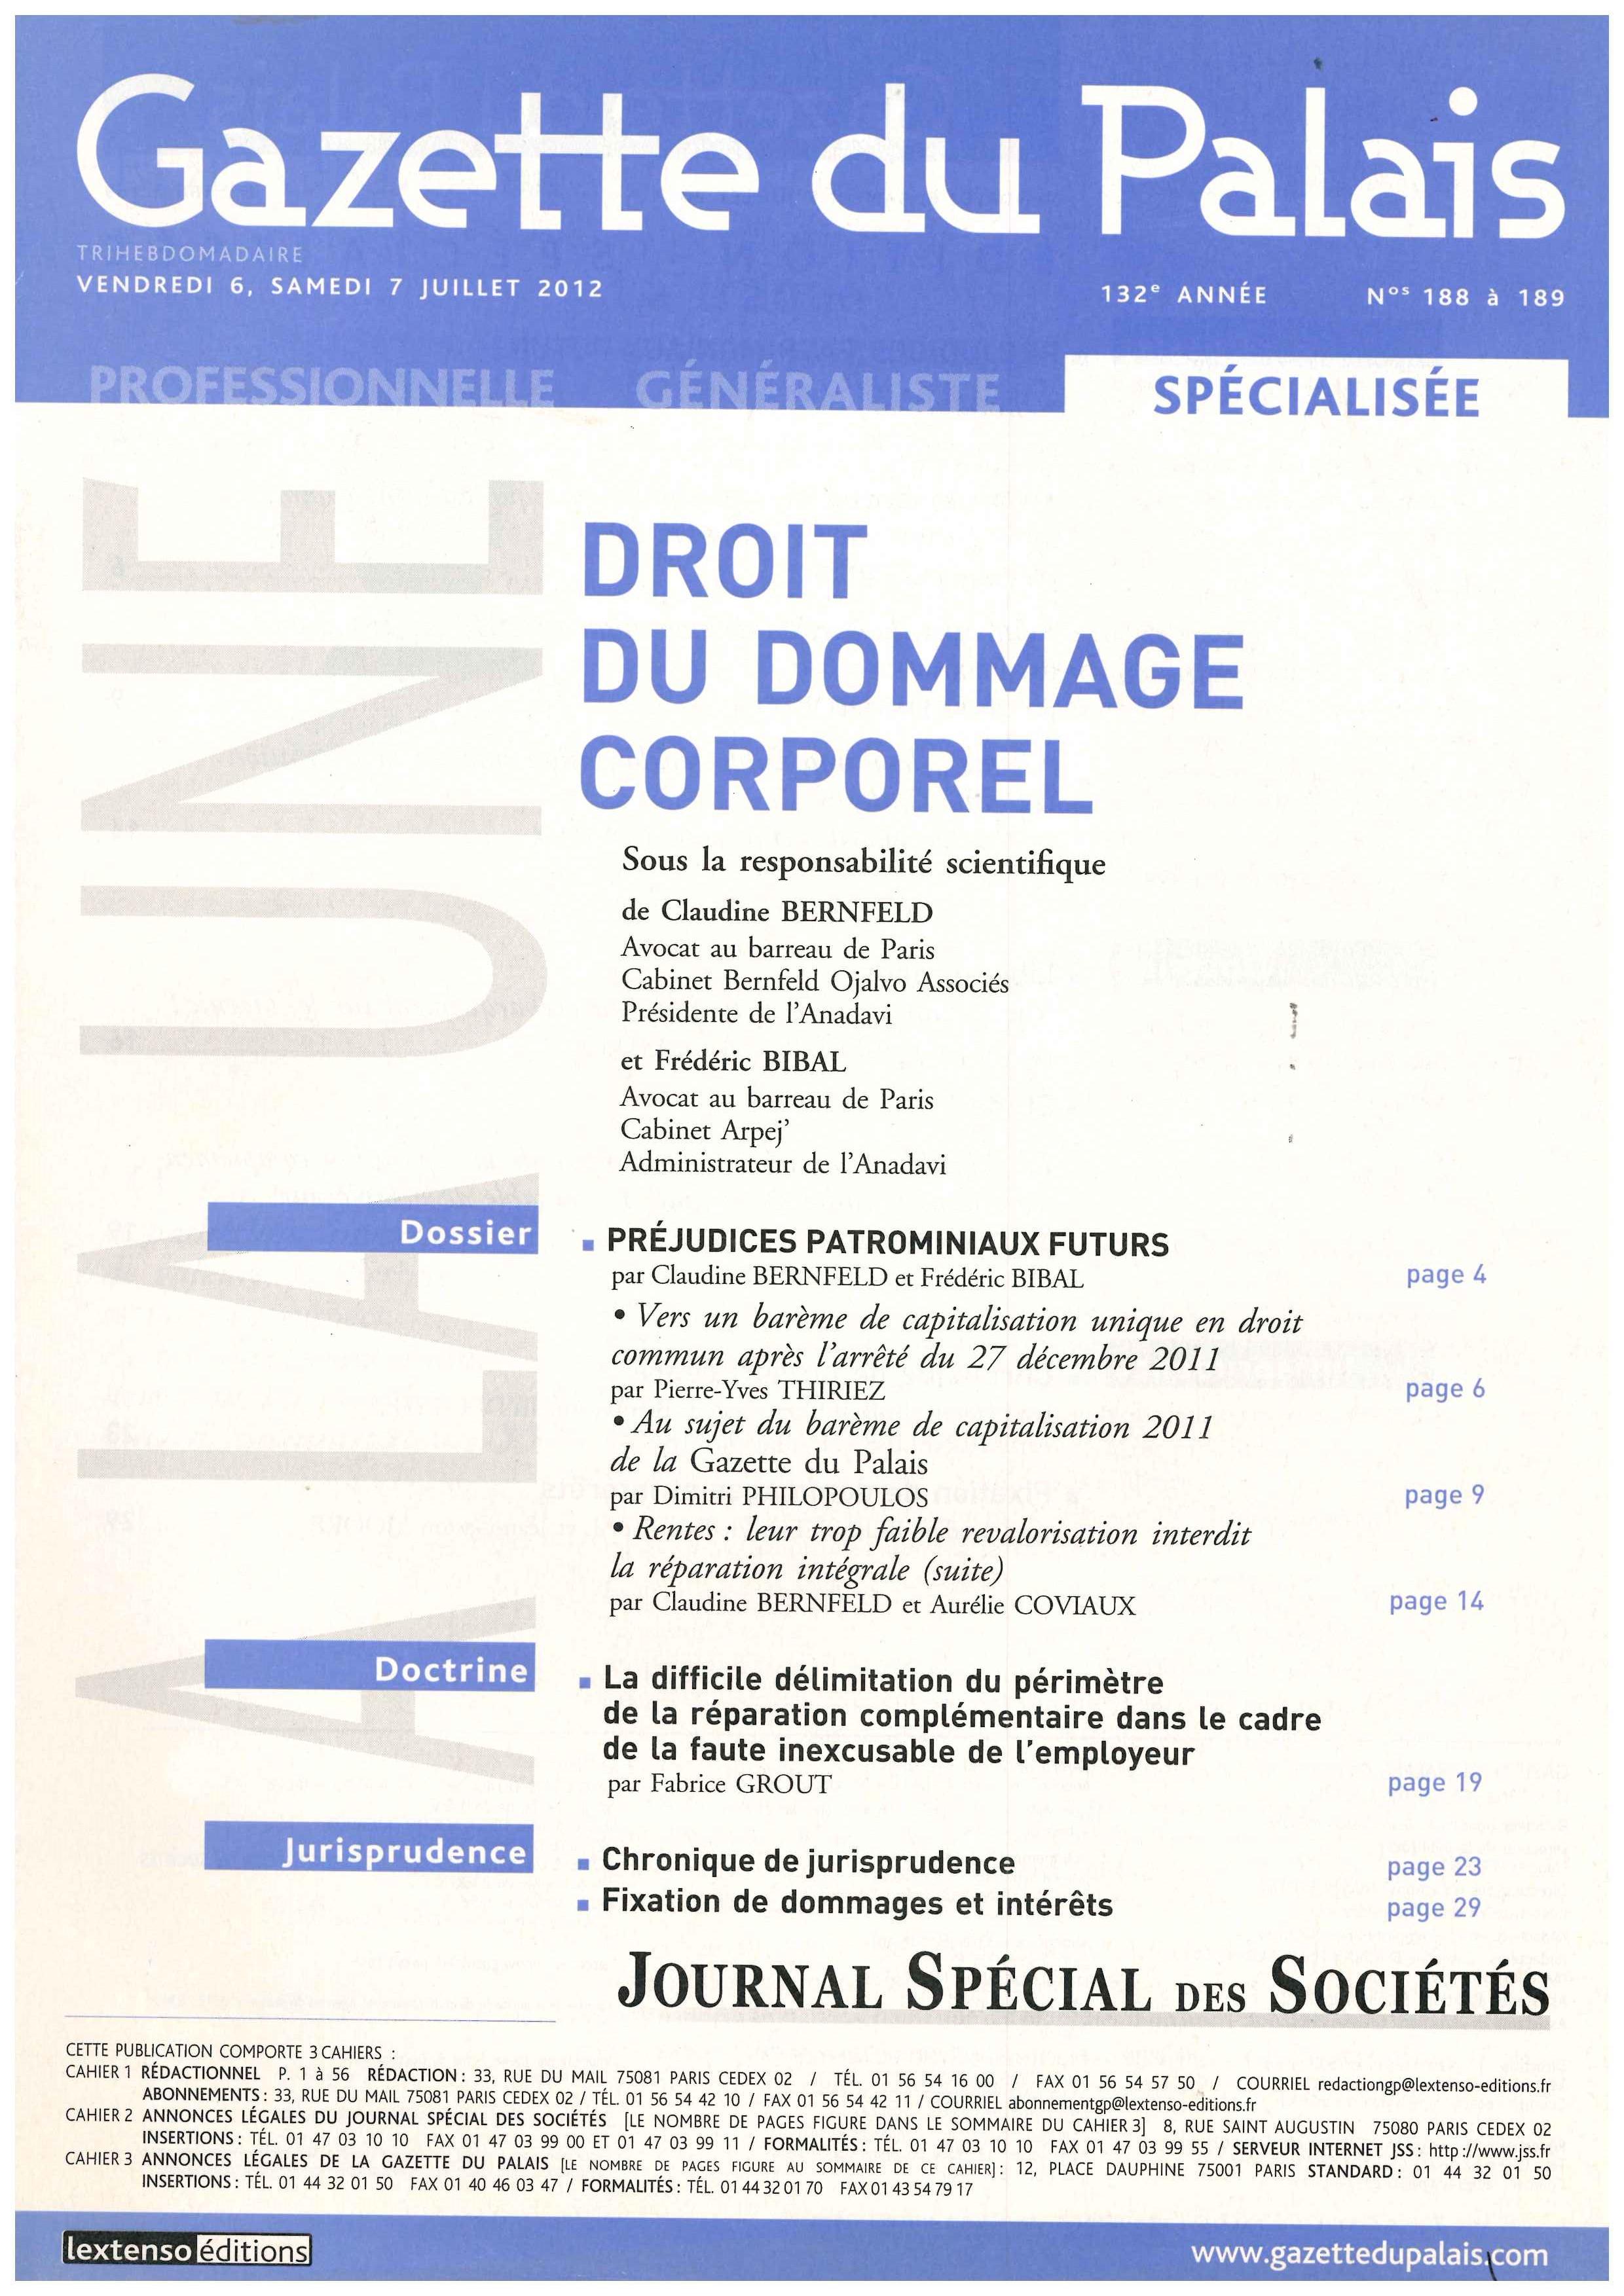 Gazette 07 2012_001.jpg